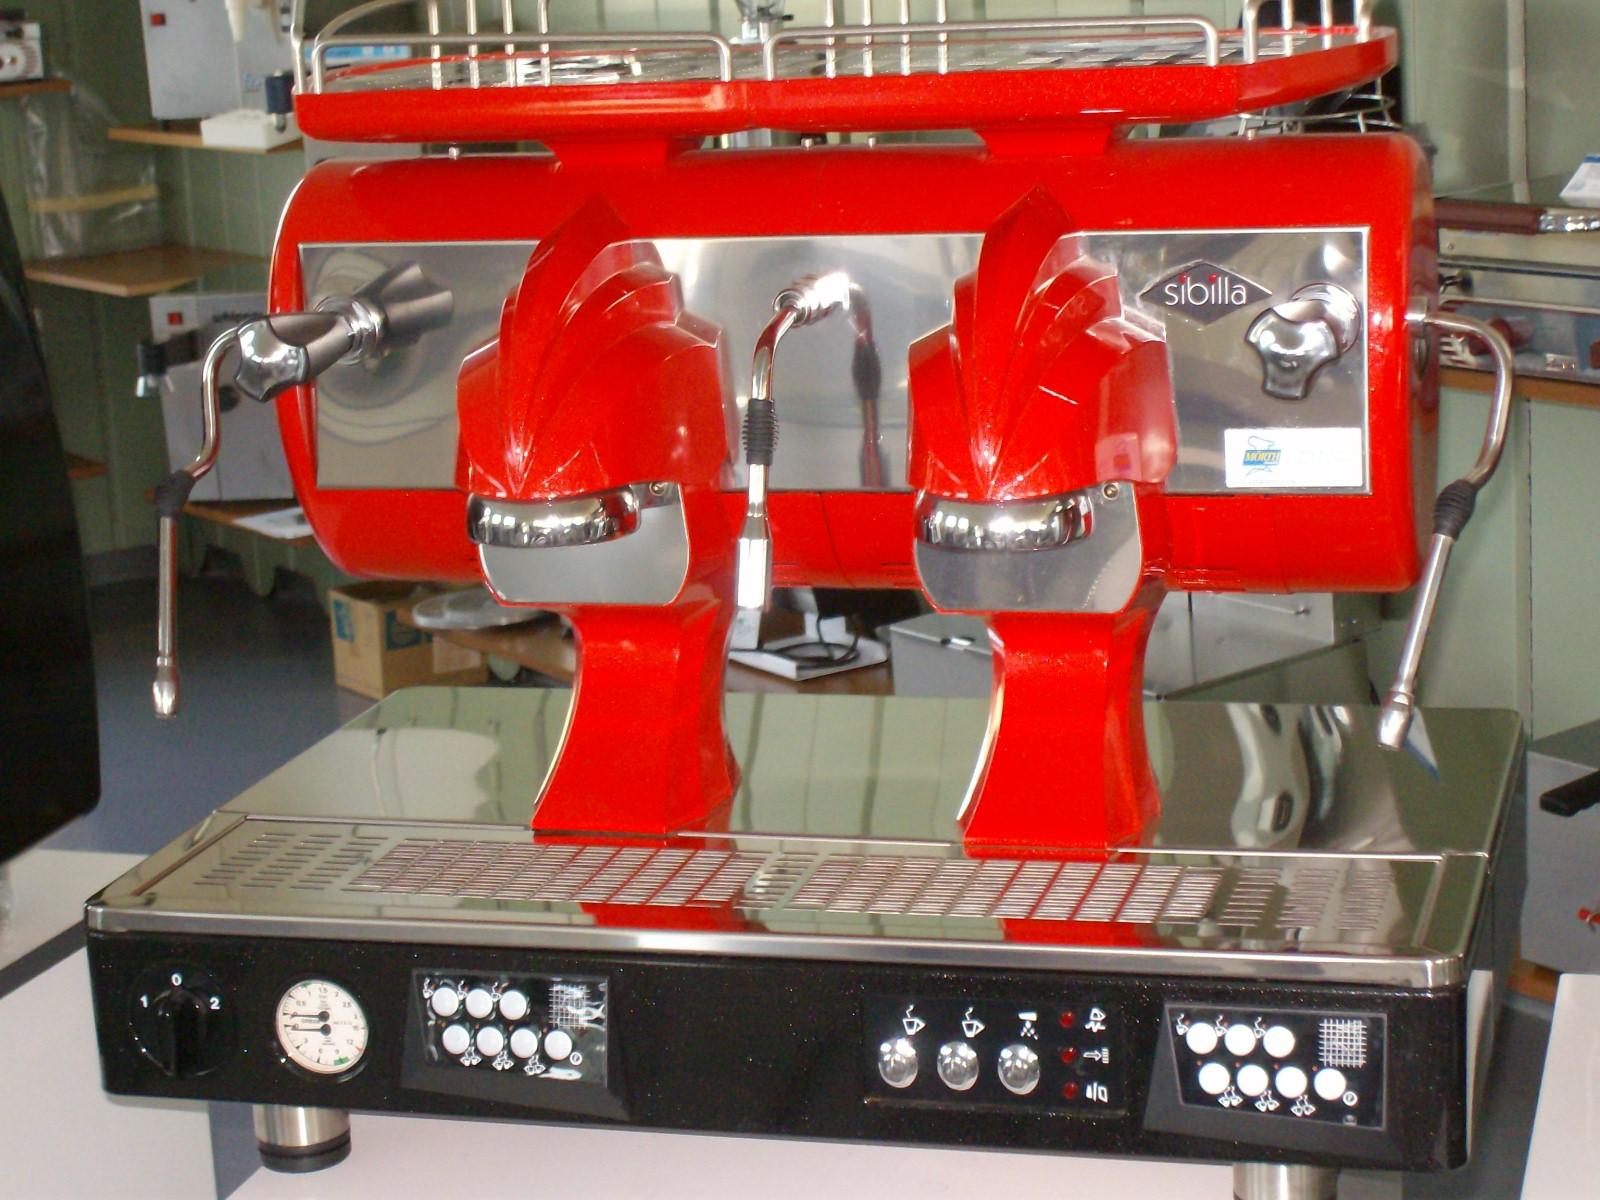 gastro kaffeemaschine gebraucht k chen kaufen billig. Black Bedroom Furniture Sets. Home Design Ideas